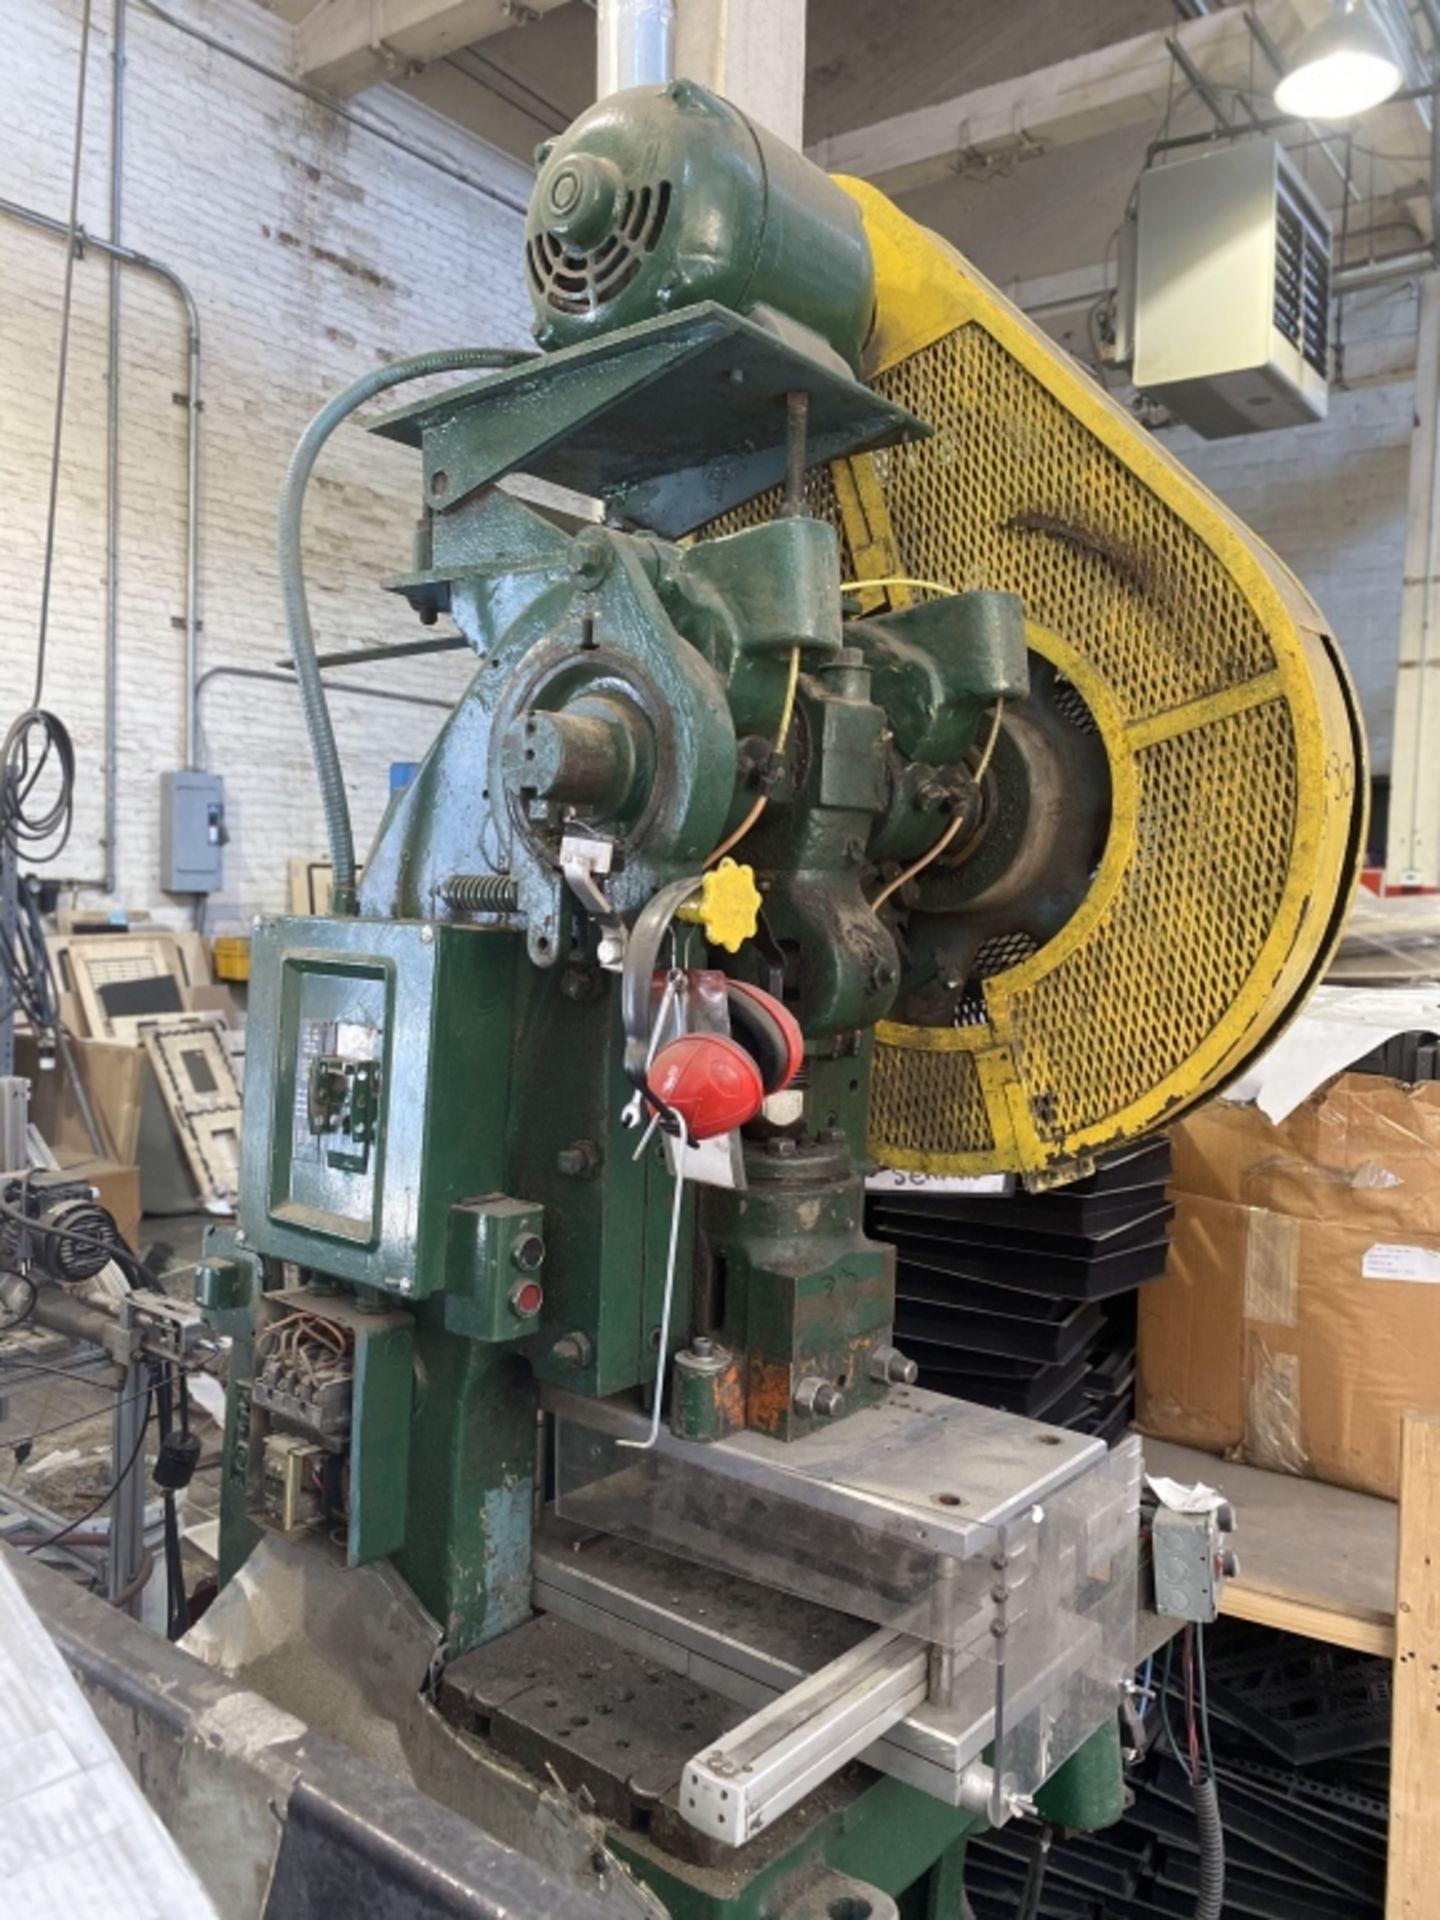 Lot 1003 - Bliss Mechanical Clutch Punch Press